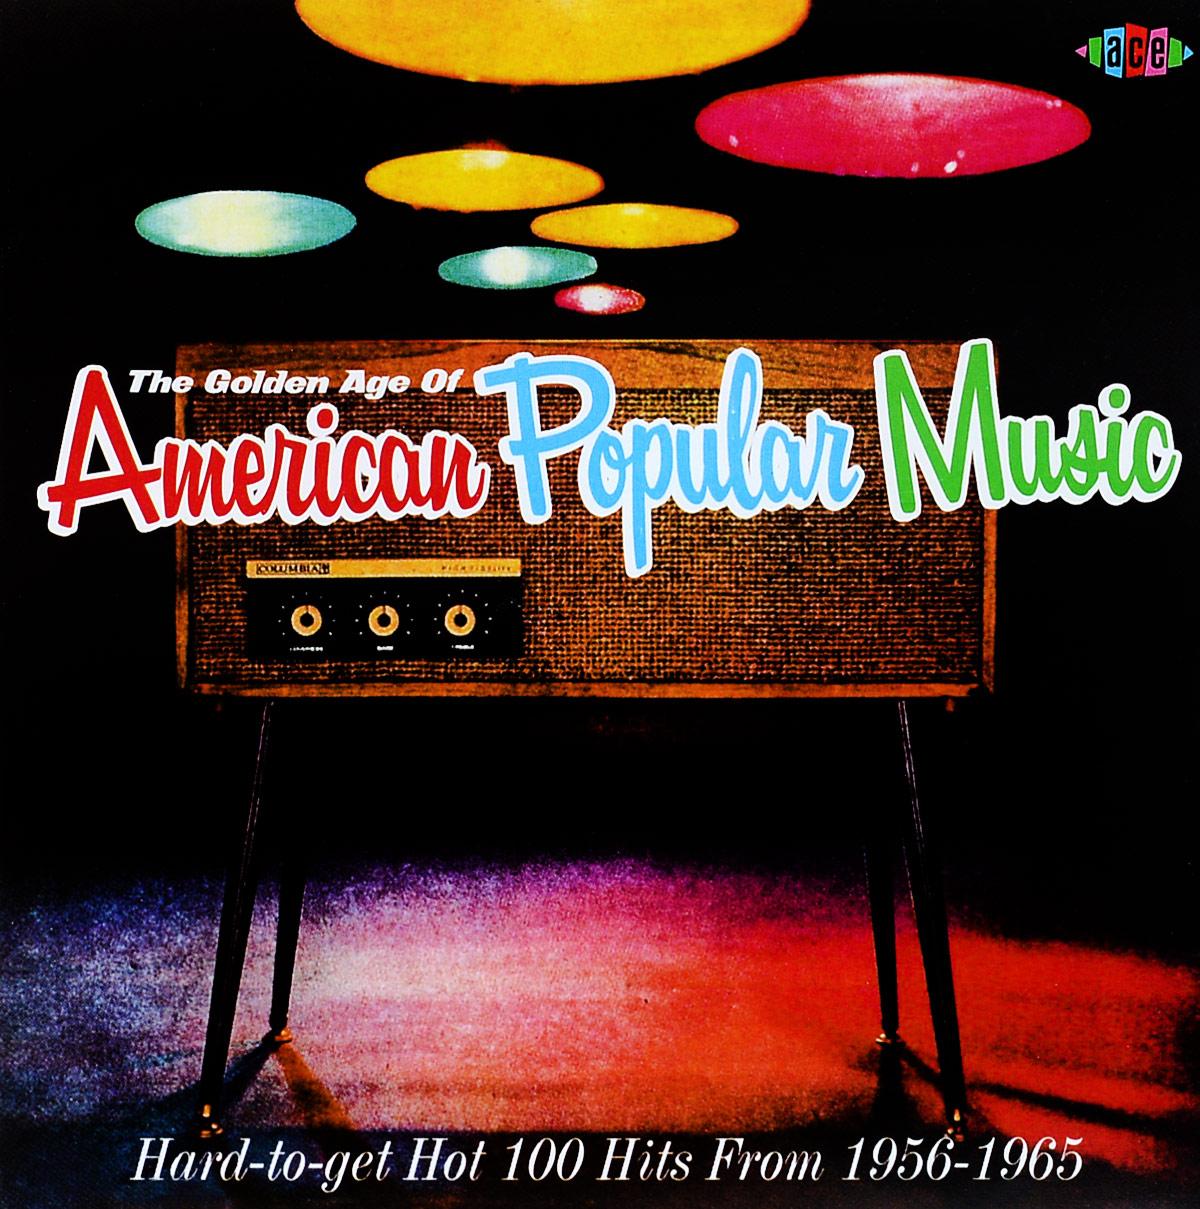 цены на The Golden Age Of American Popular Music  в интернет-магазинах